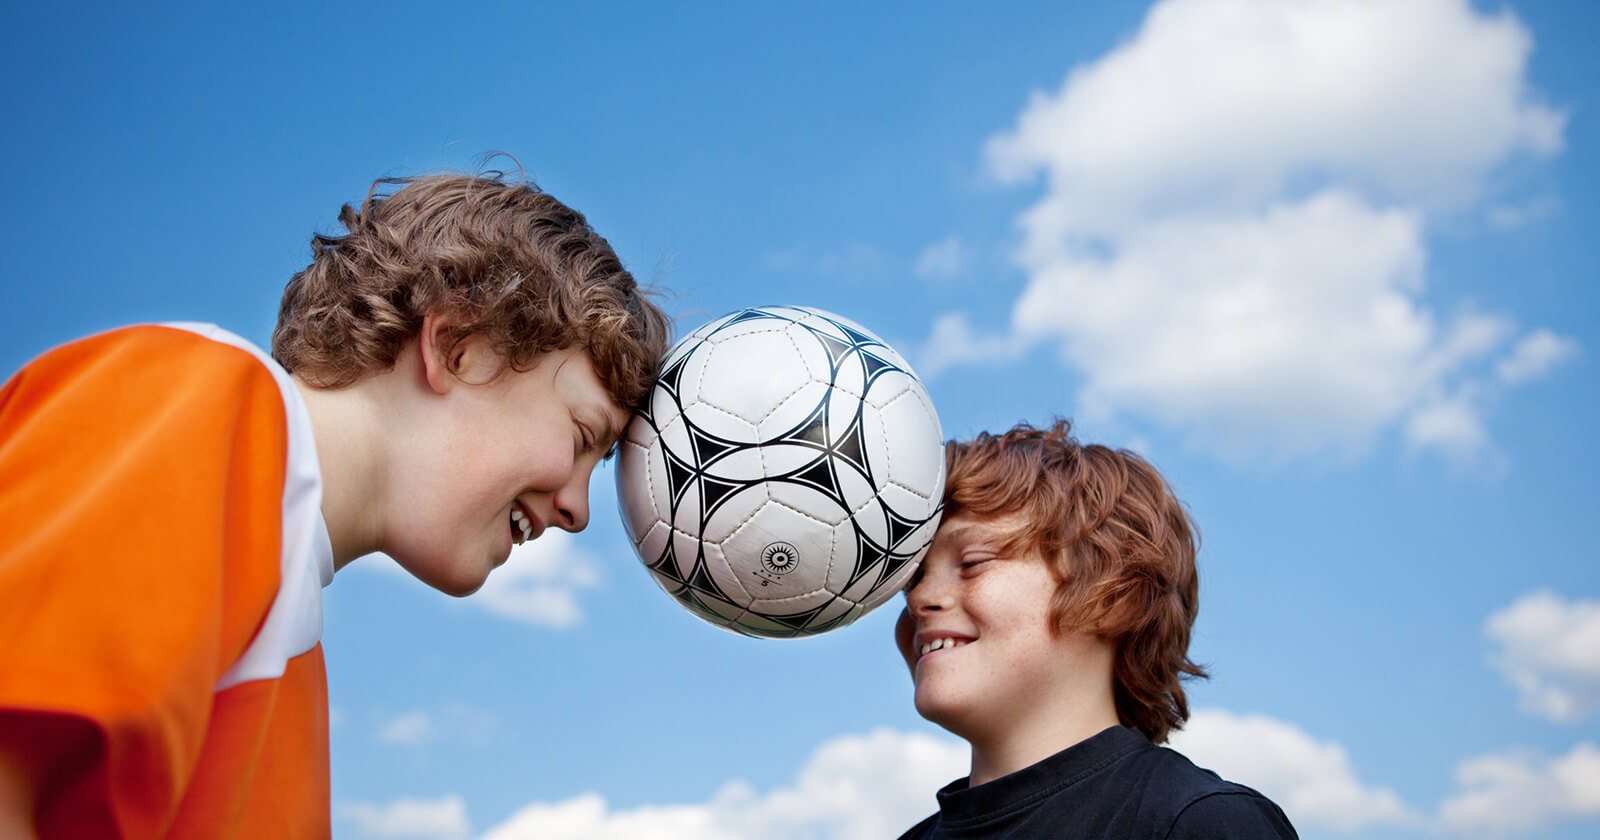 Ursache für einen Nasenbruch ist oft ein Fußballspiel.